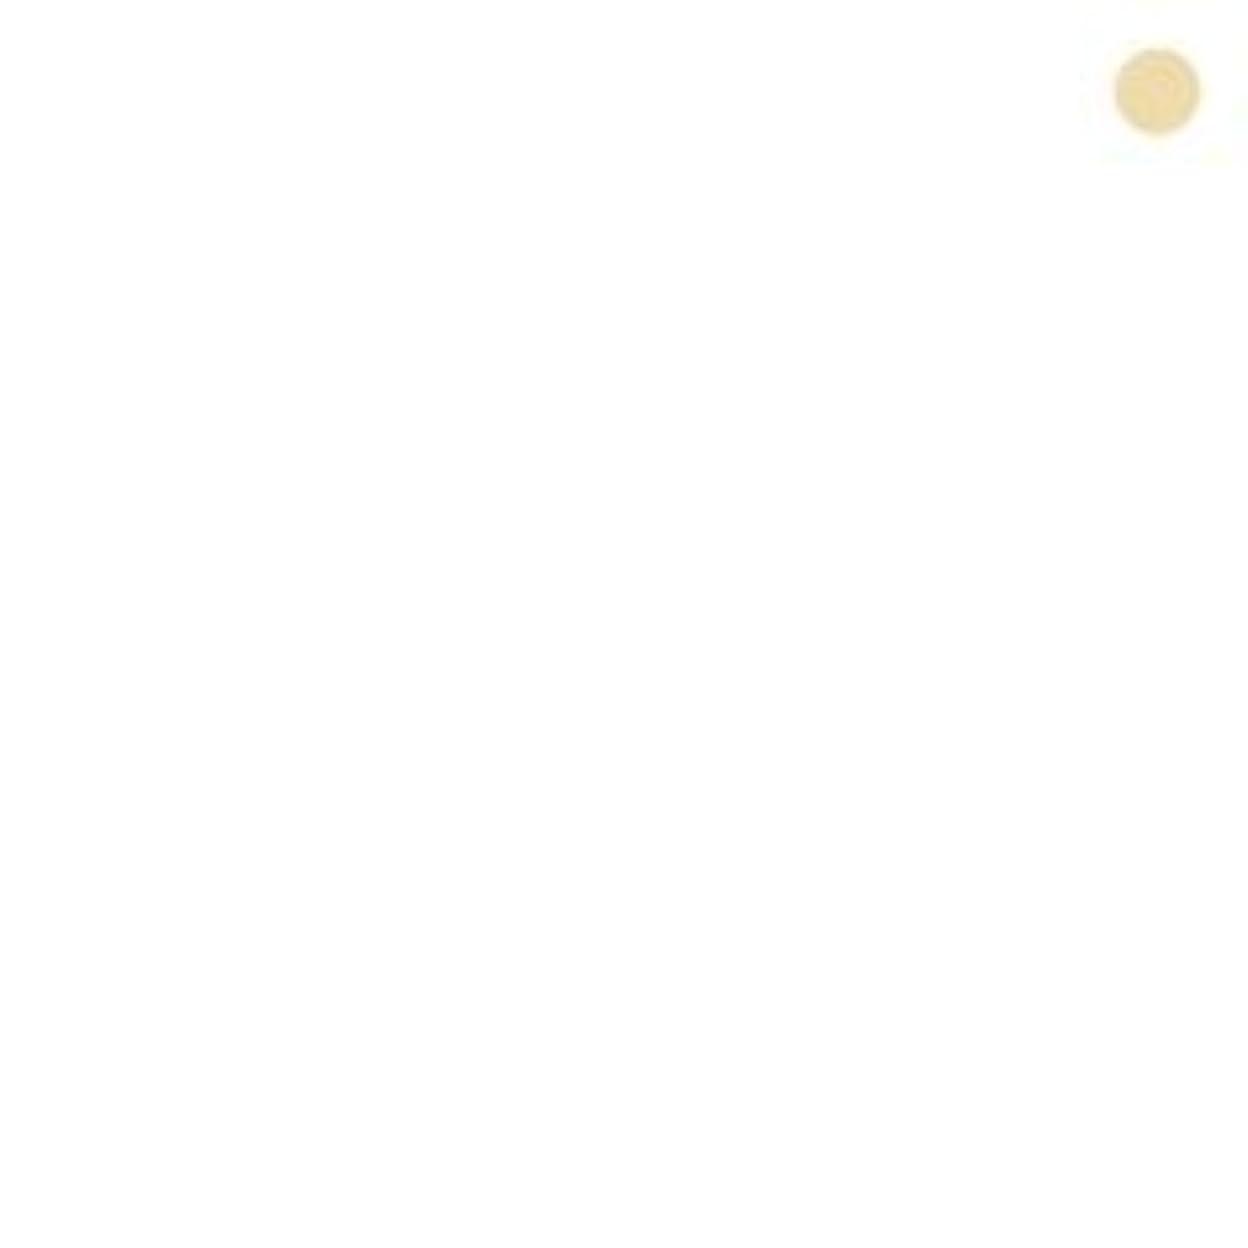 暴動エンディングフィクション【カバーマーク】ジャスミーカラー パウダリーファンデーション #BN20 (レフィル)